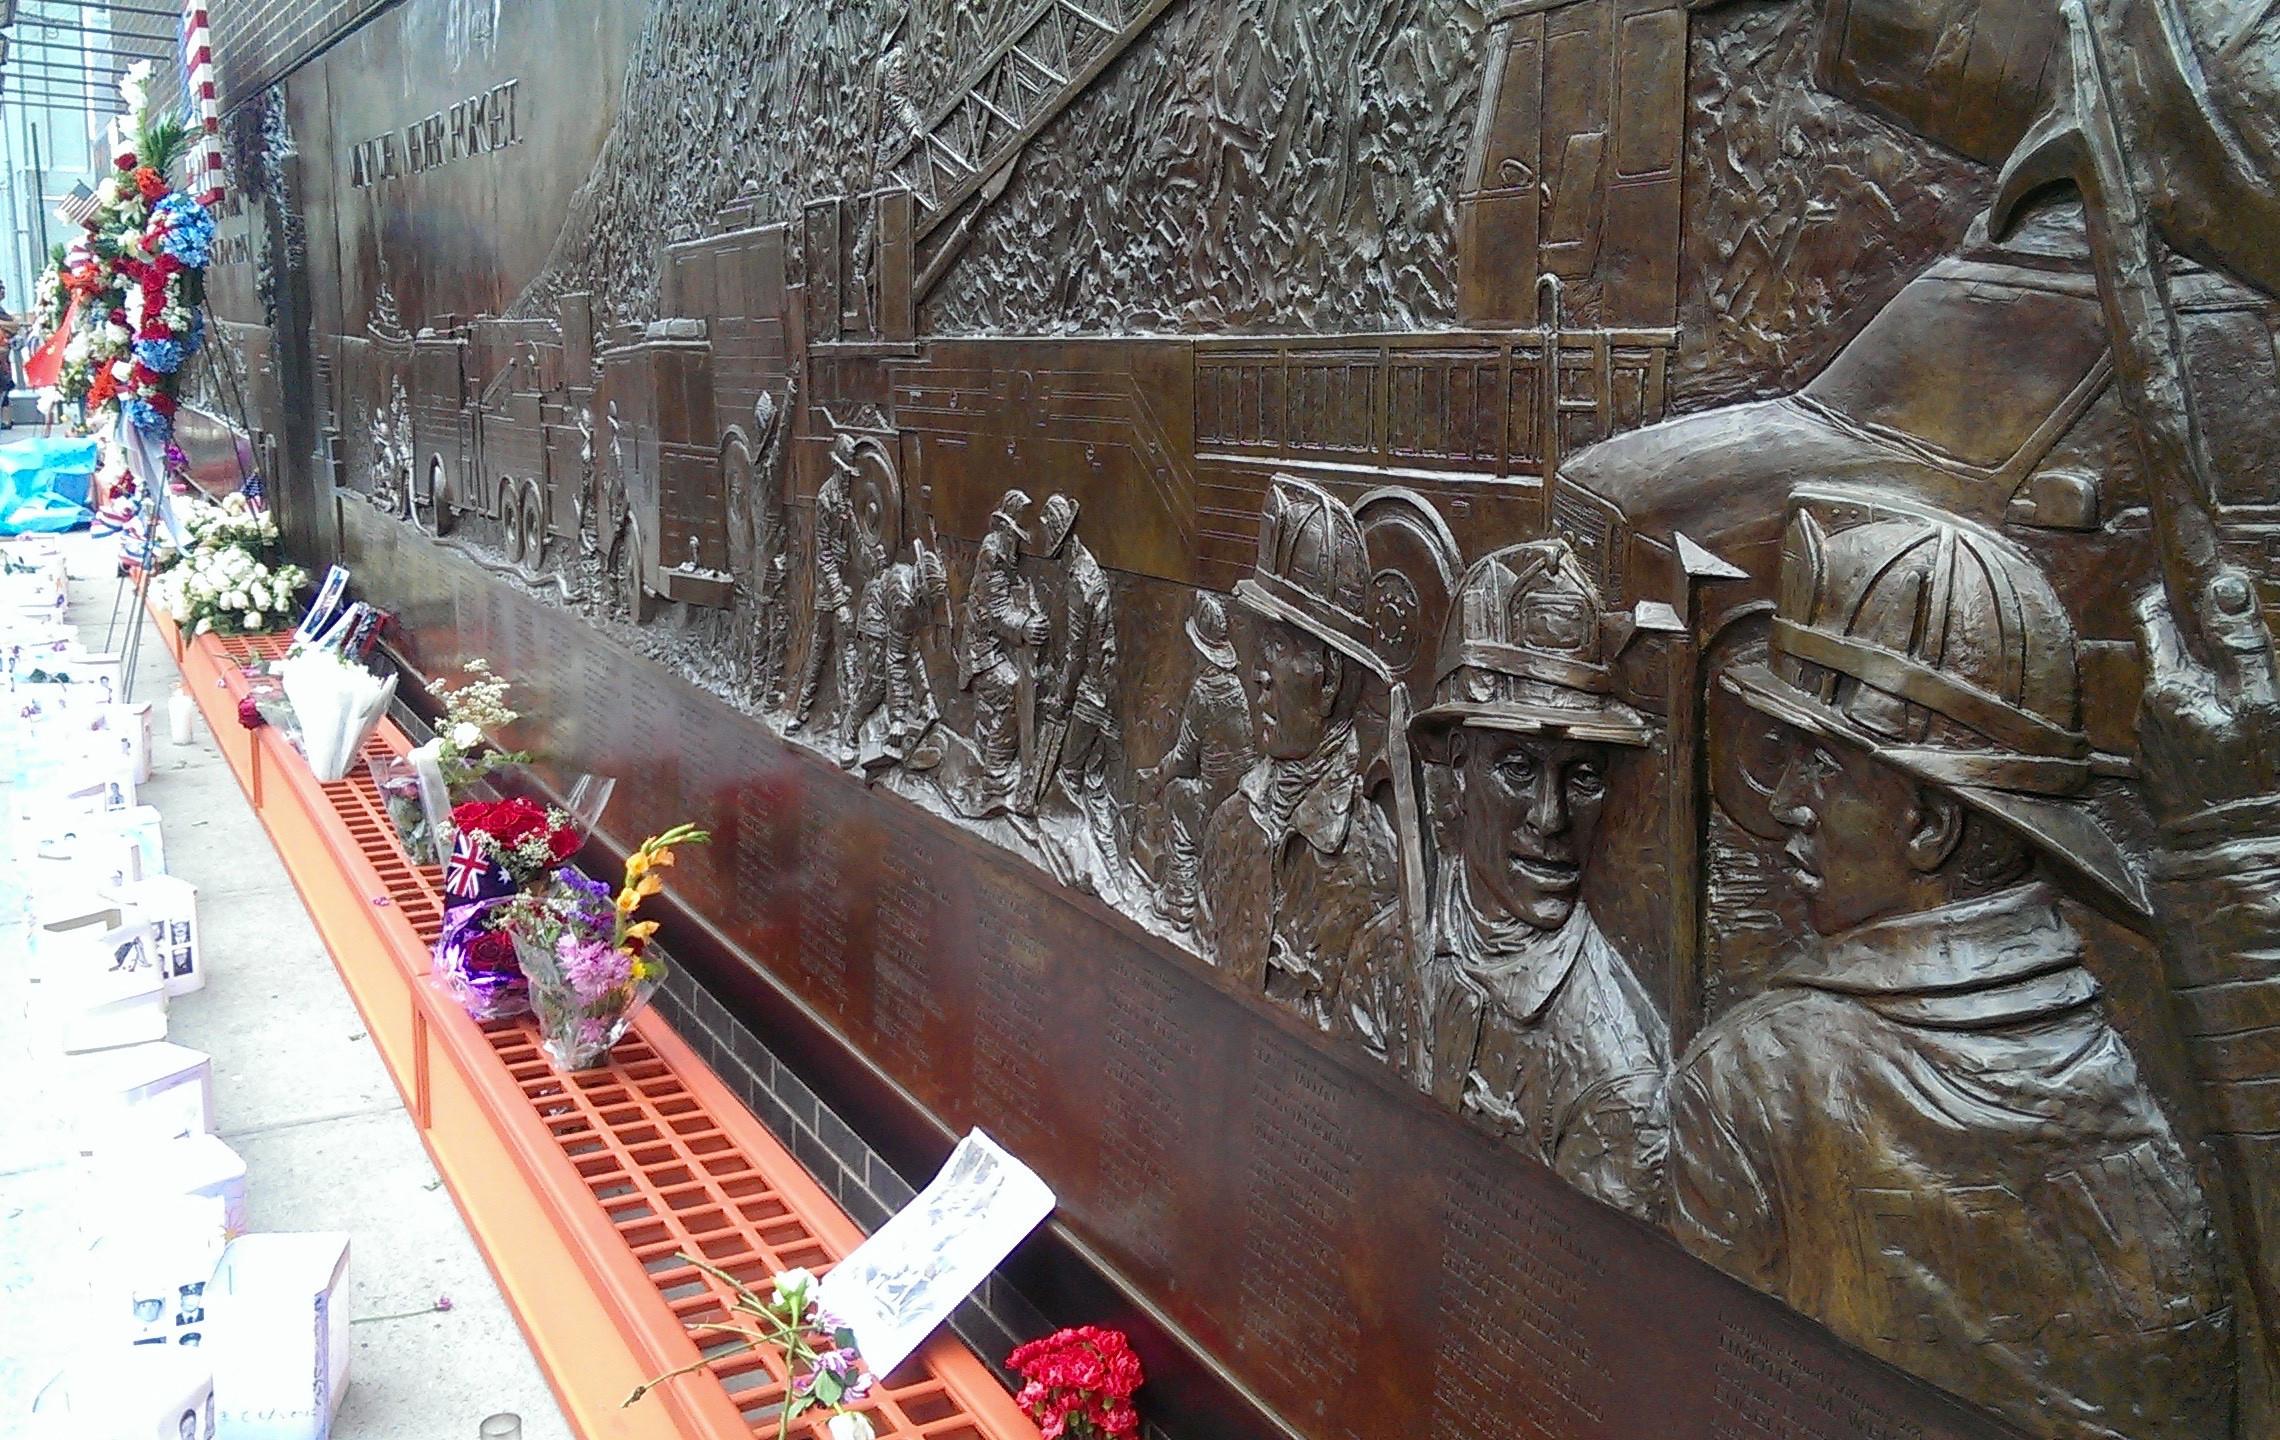 New York City 9/11 Memorial